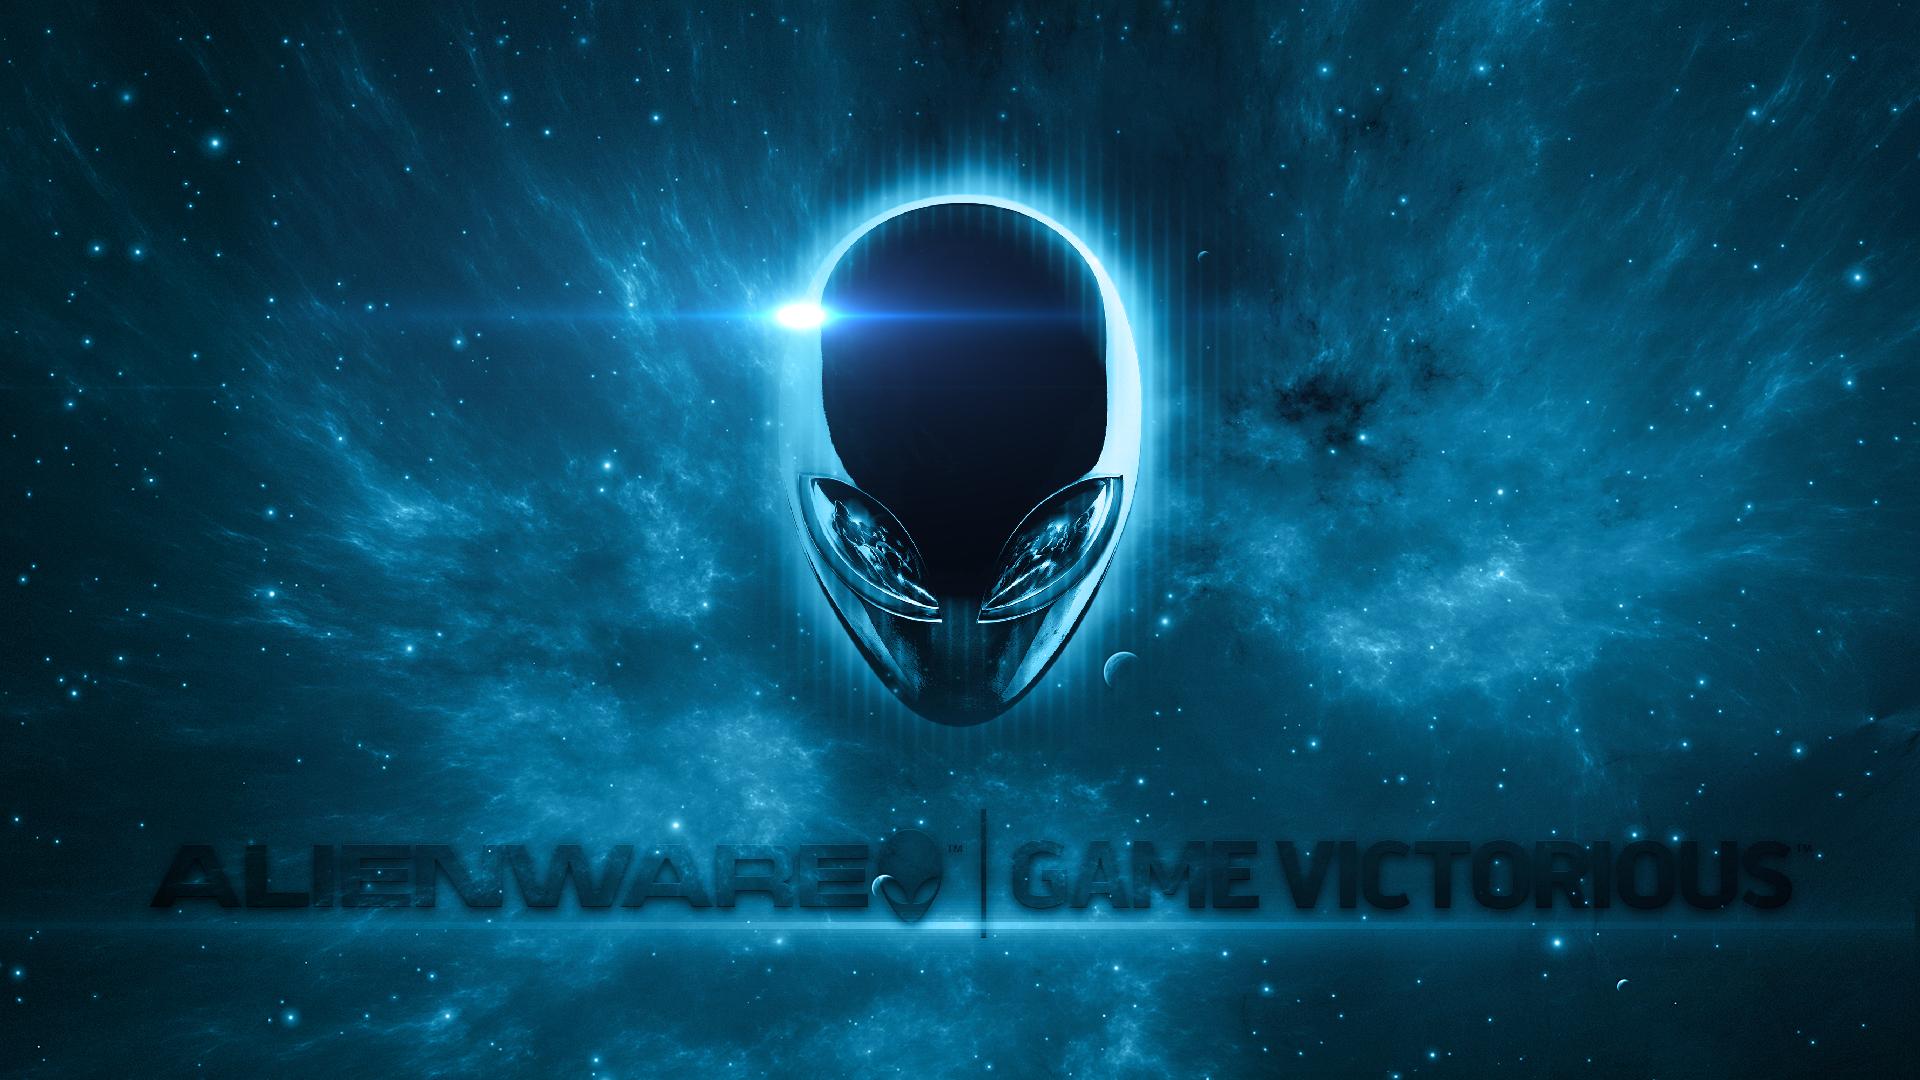 blue alienware wallpaper wallpapersafari